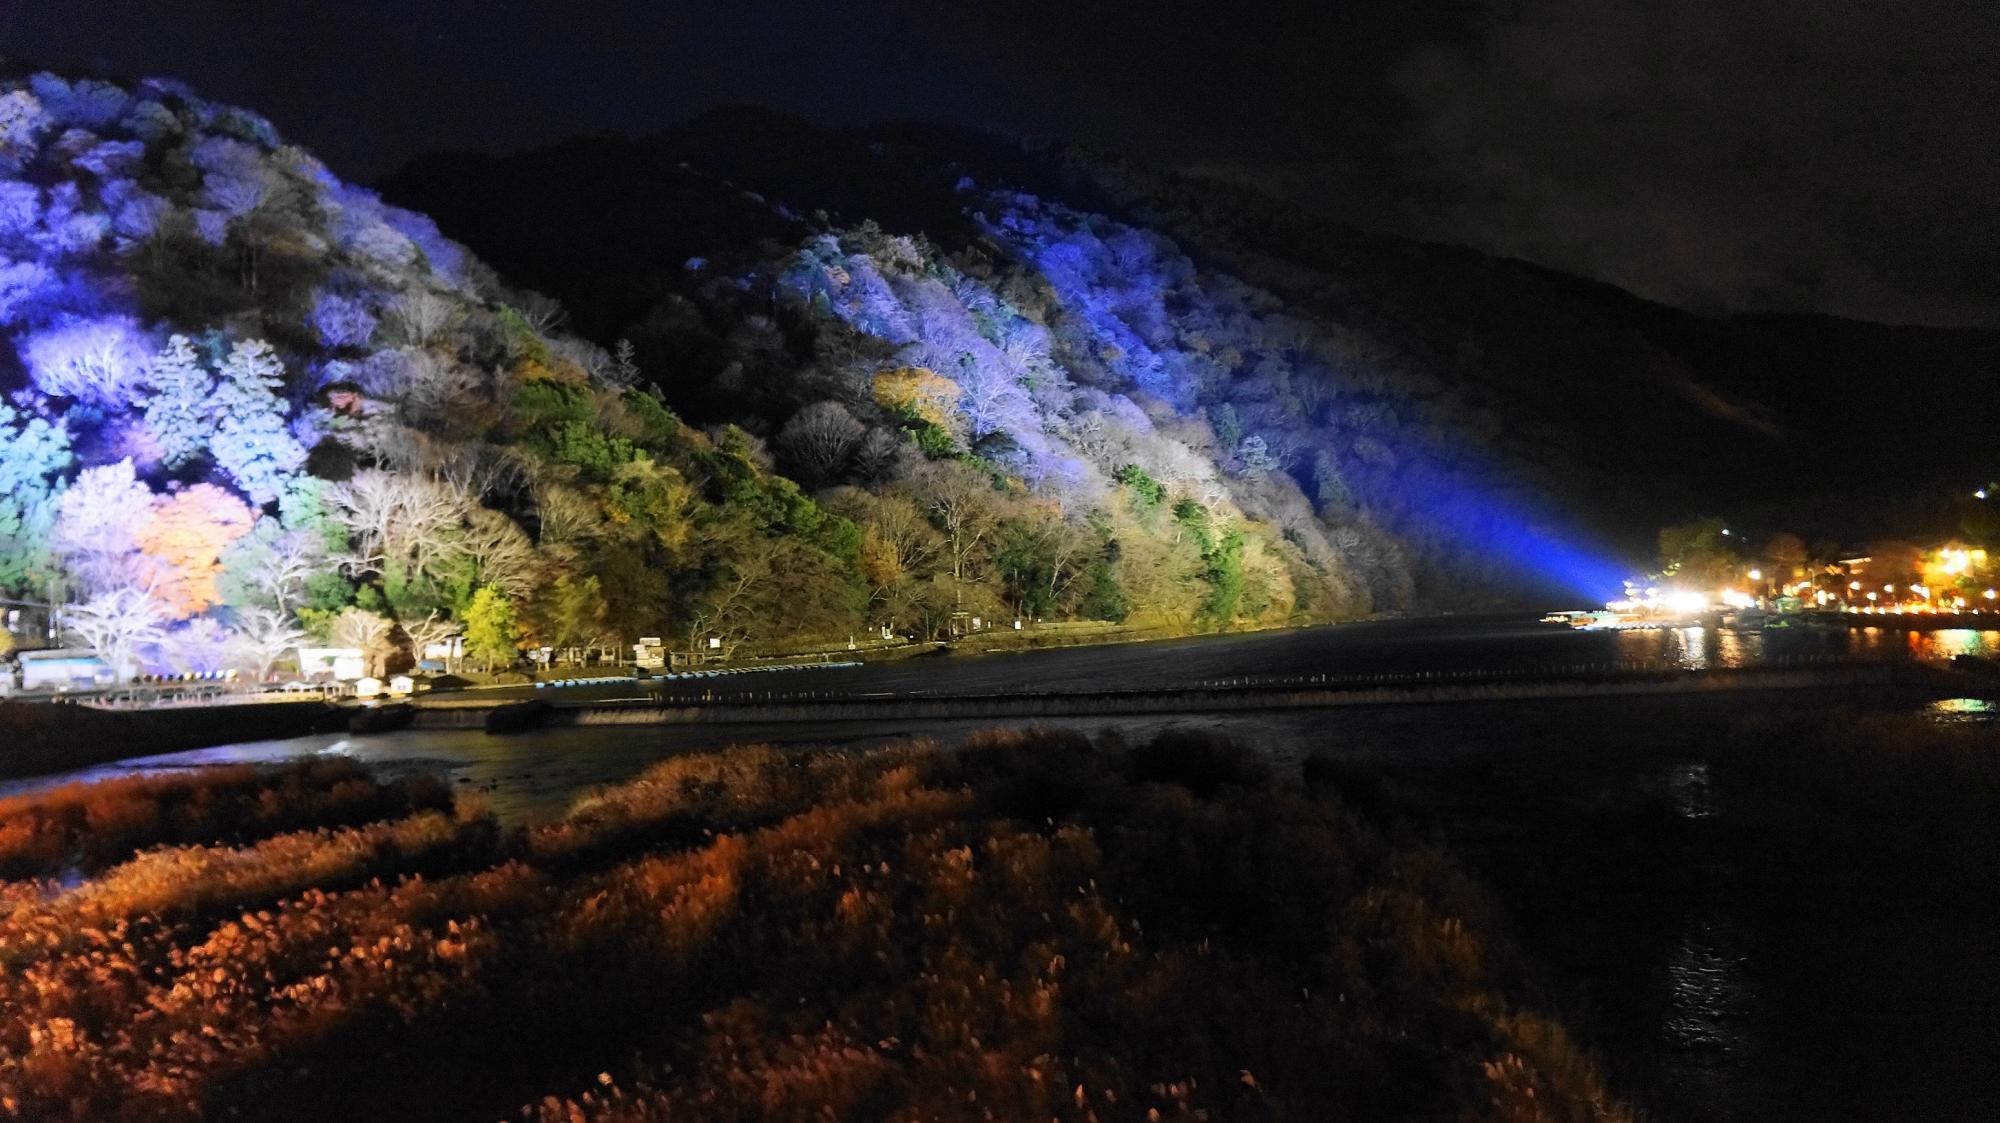 嵐山花灯路の幻想的な嵐山ライトアップ